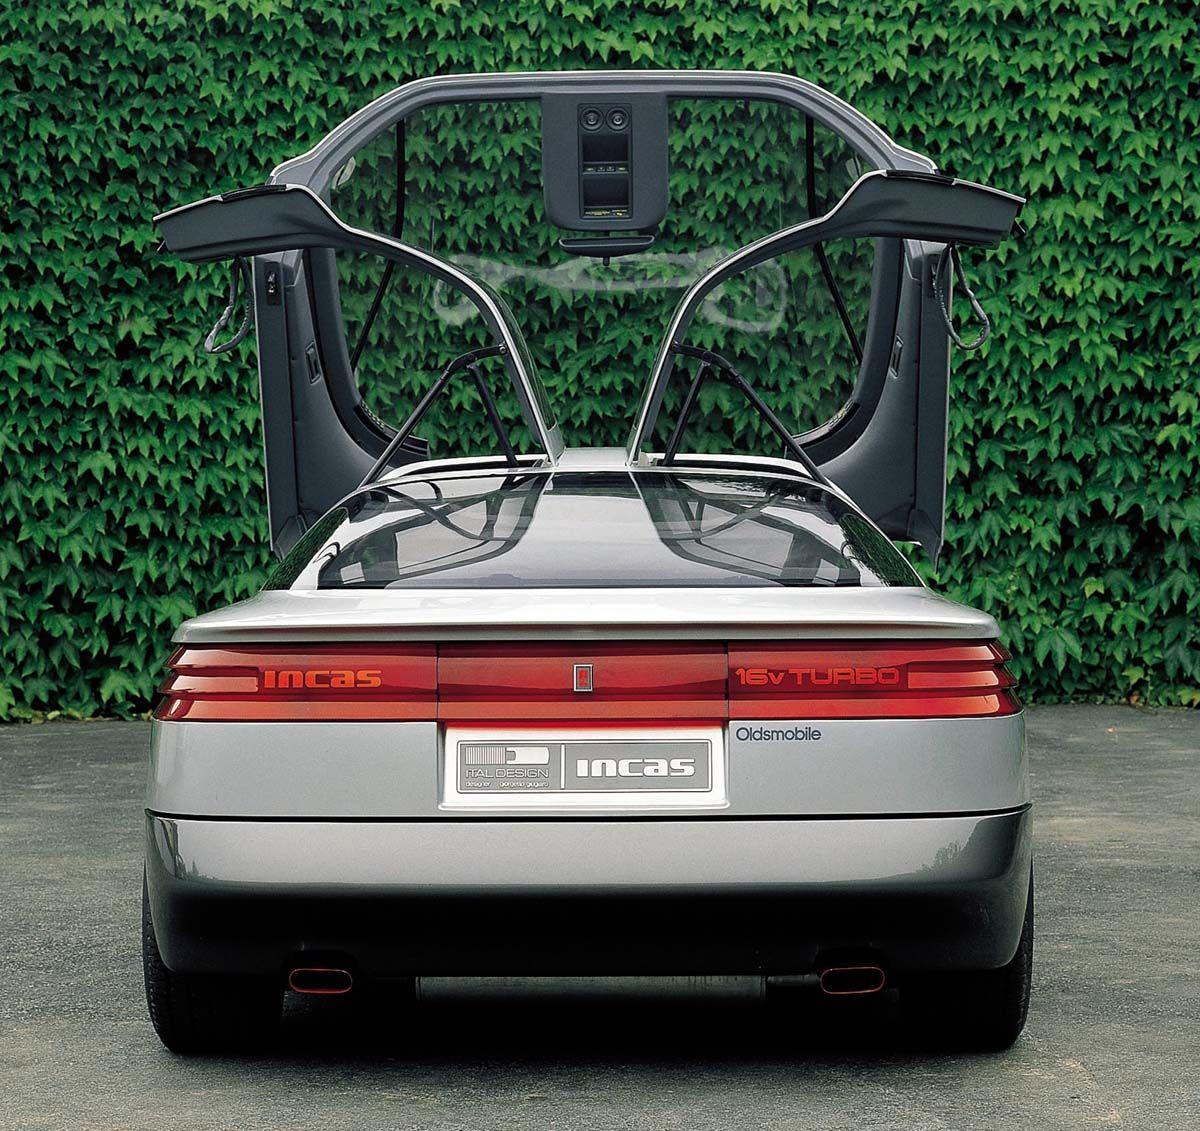 Italdesign Oldsmobile Incas 1986 Oldsmobile Concept Cars Future Car